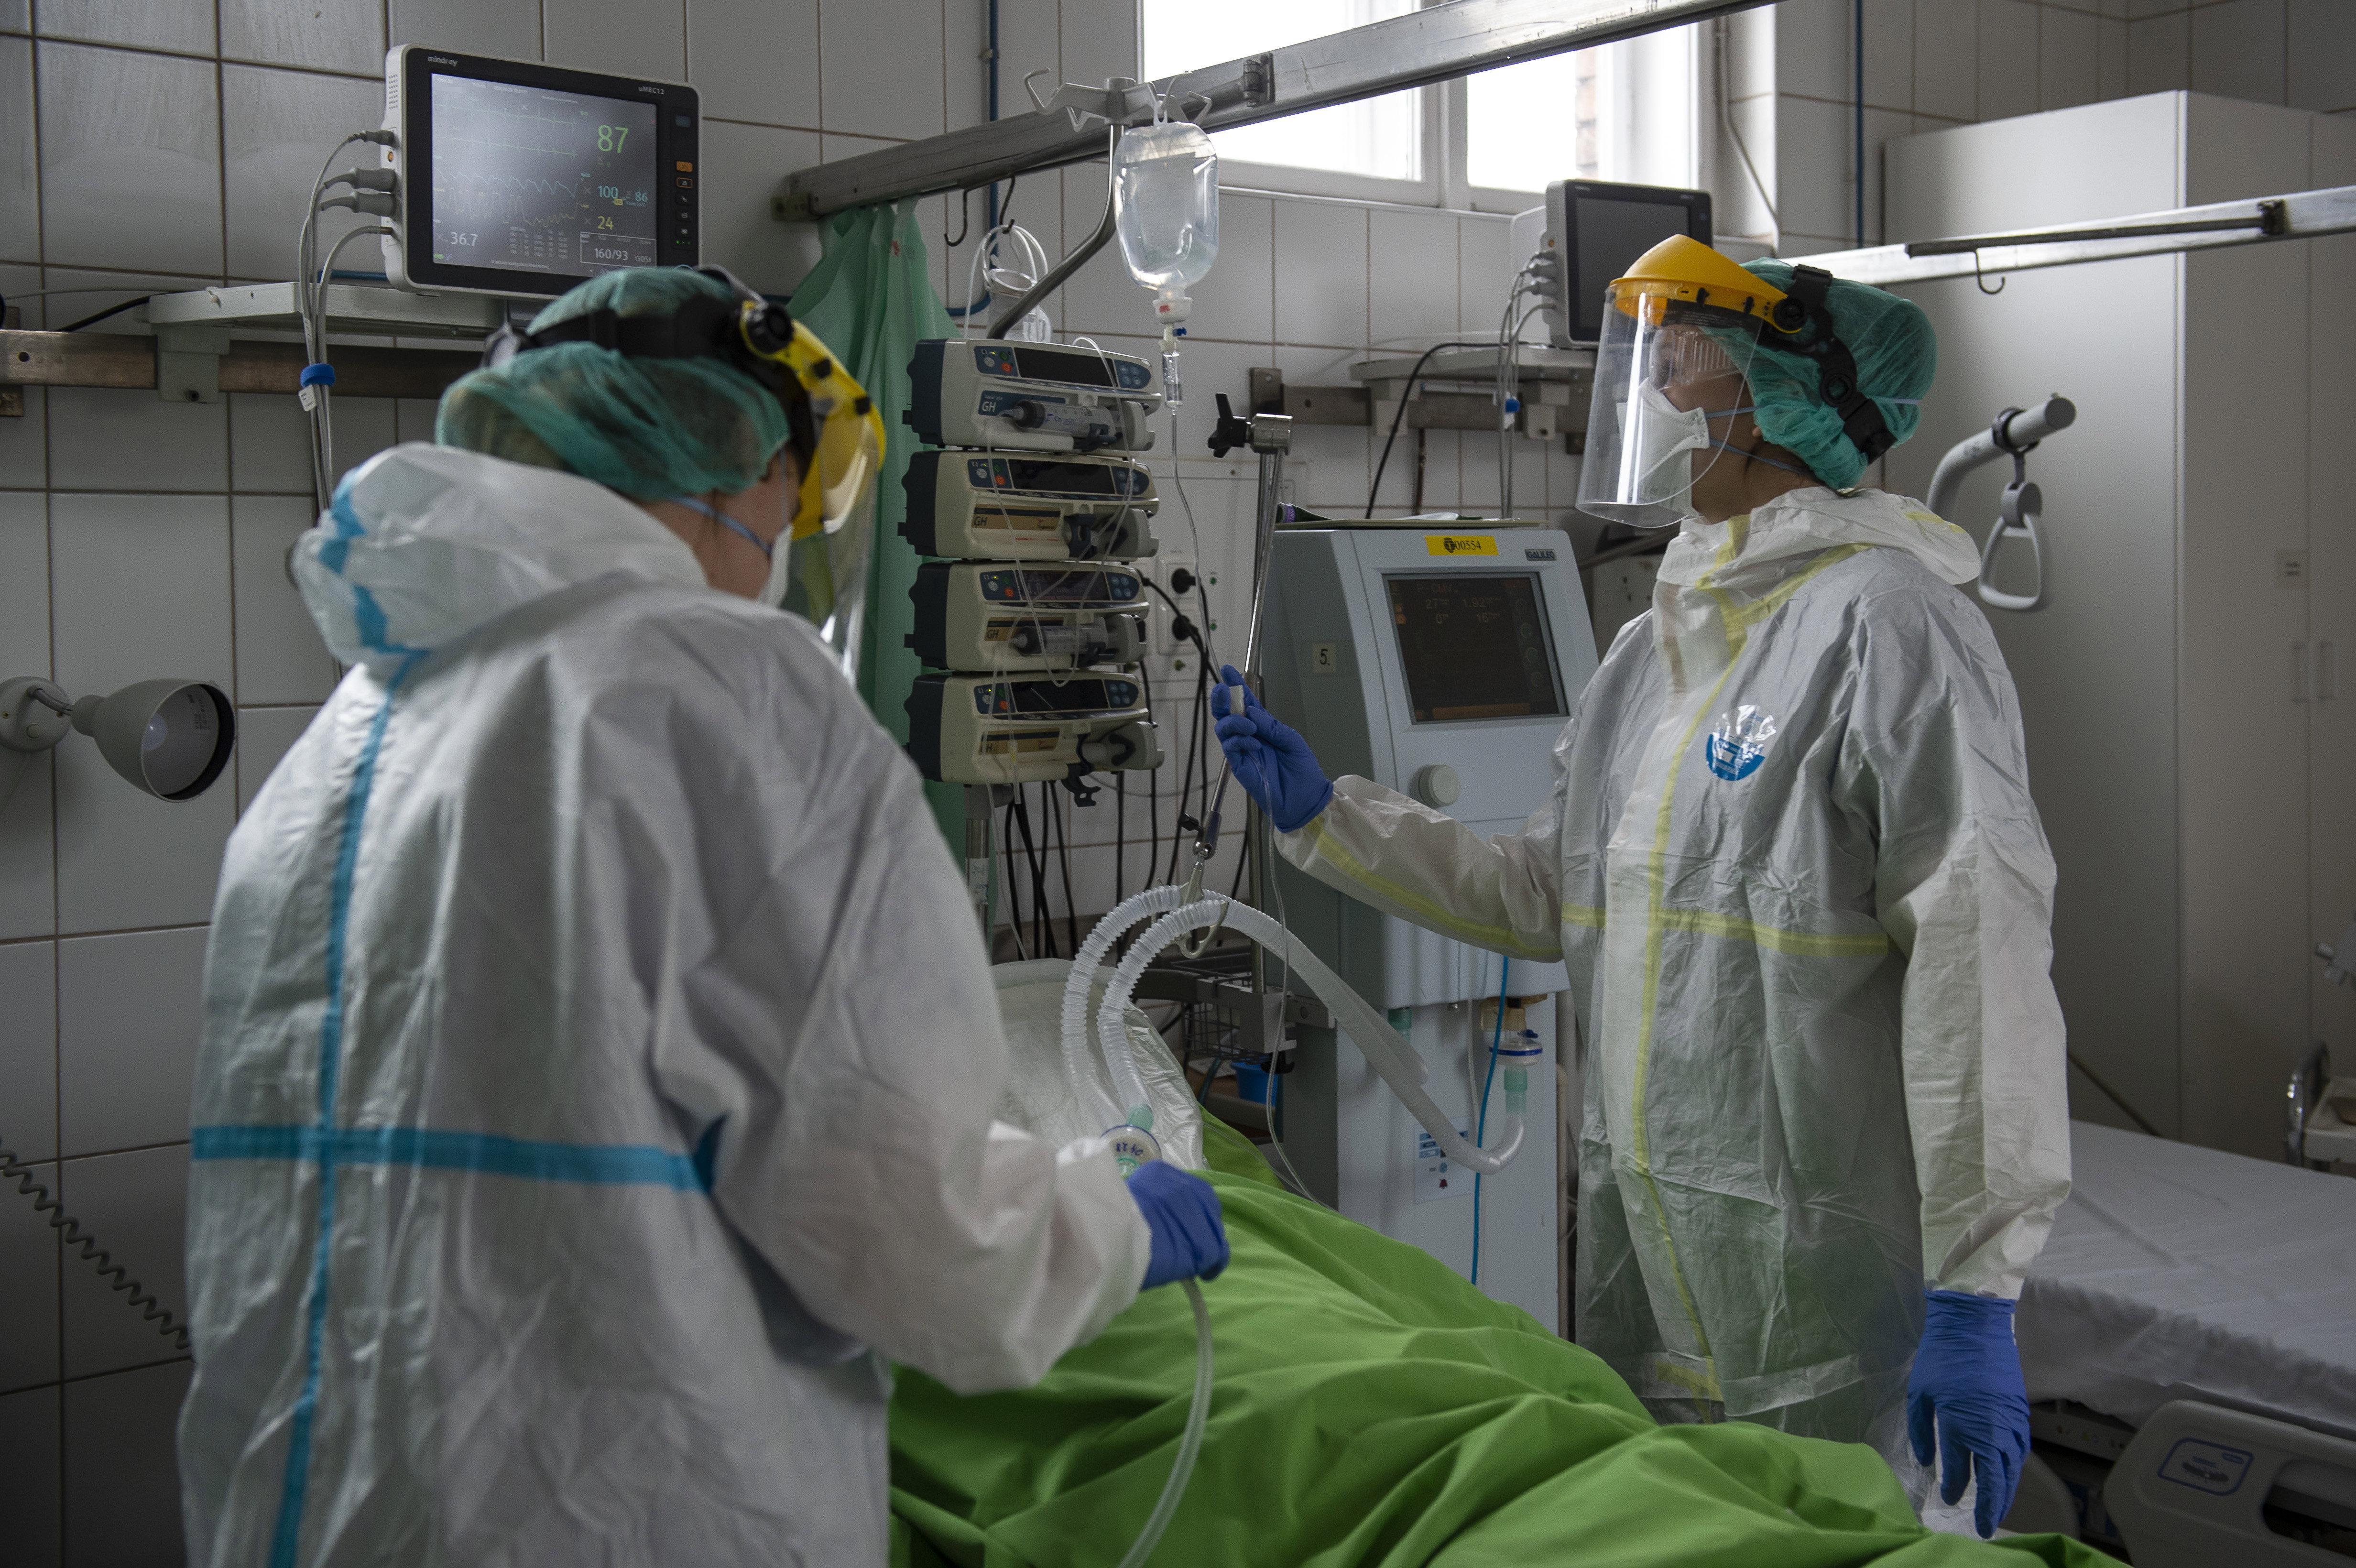 91 kórházat kérdeztek, eddig egy árulta el, hány műtétet kellett elhalasztania